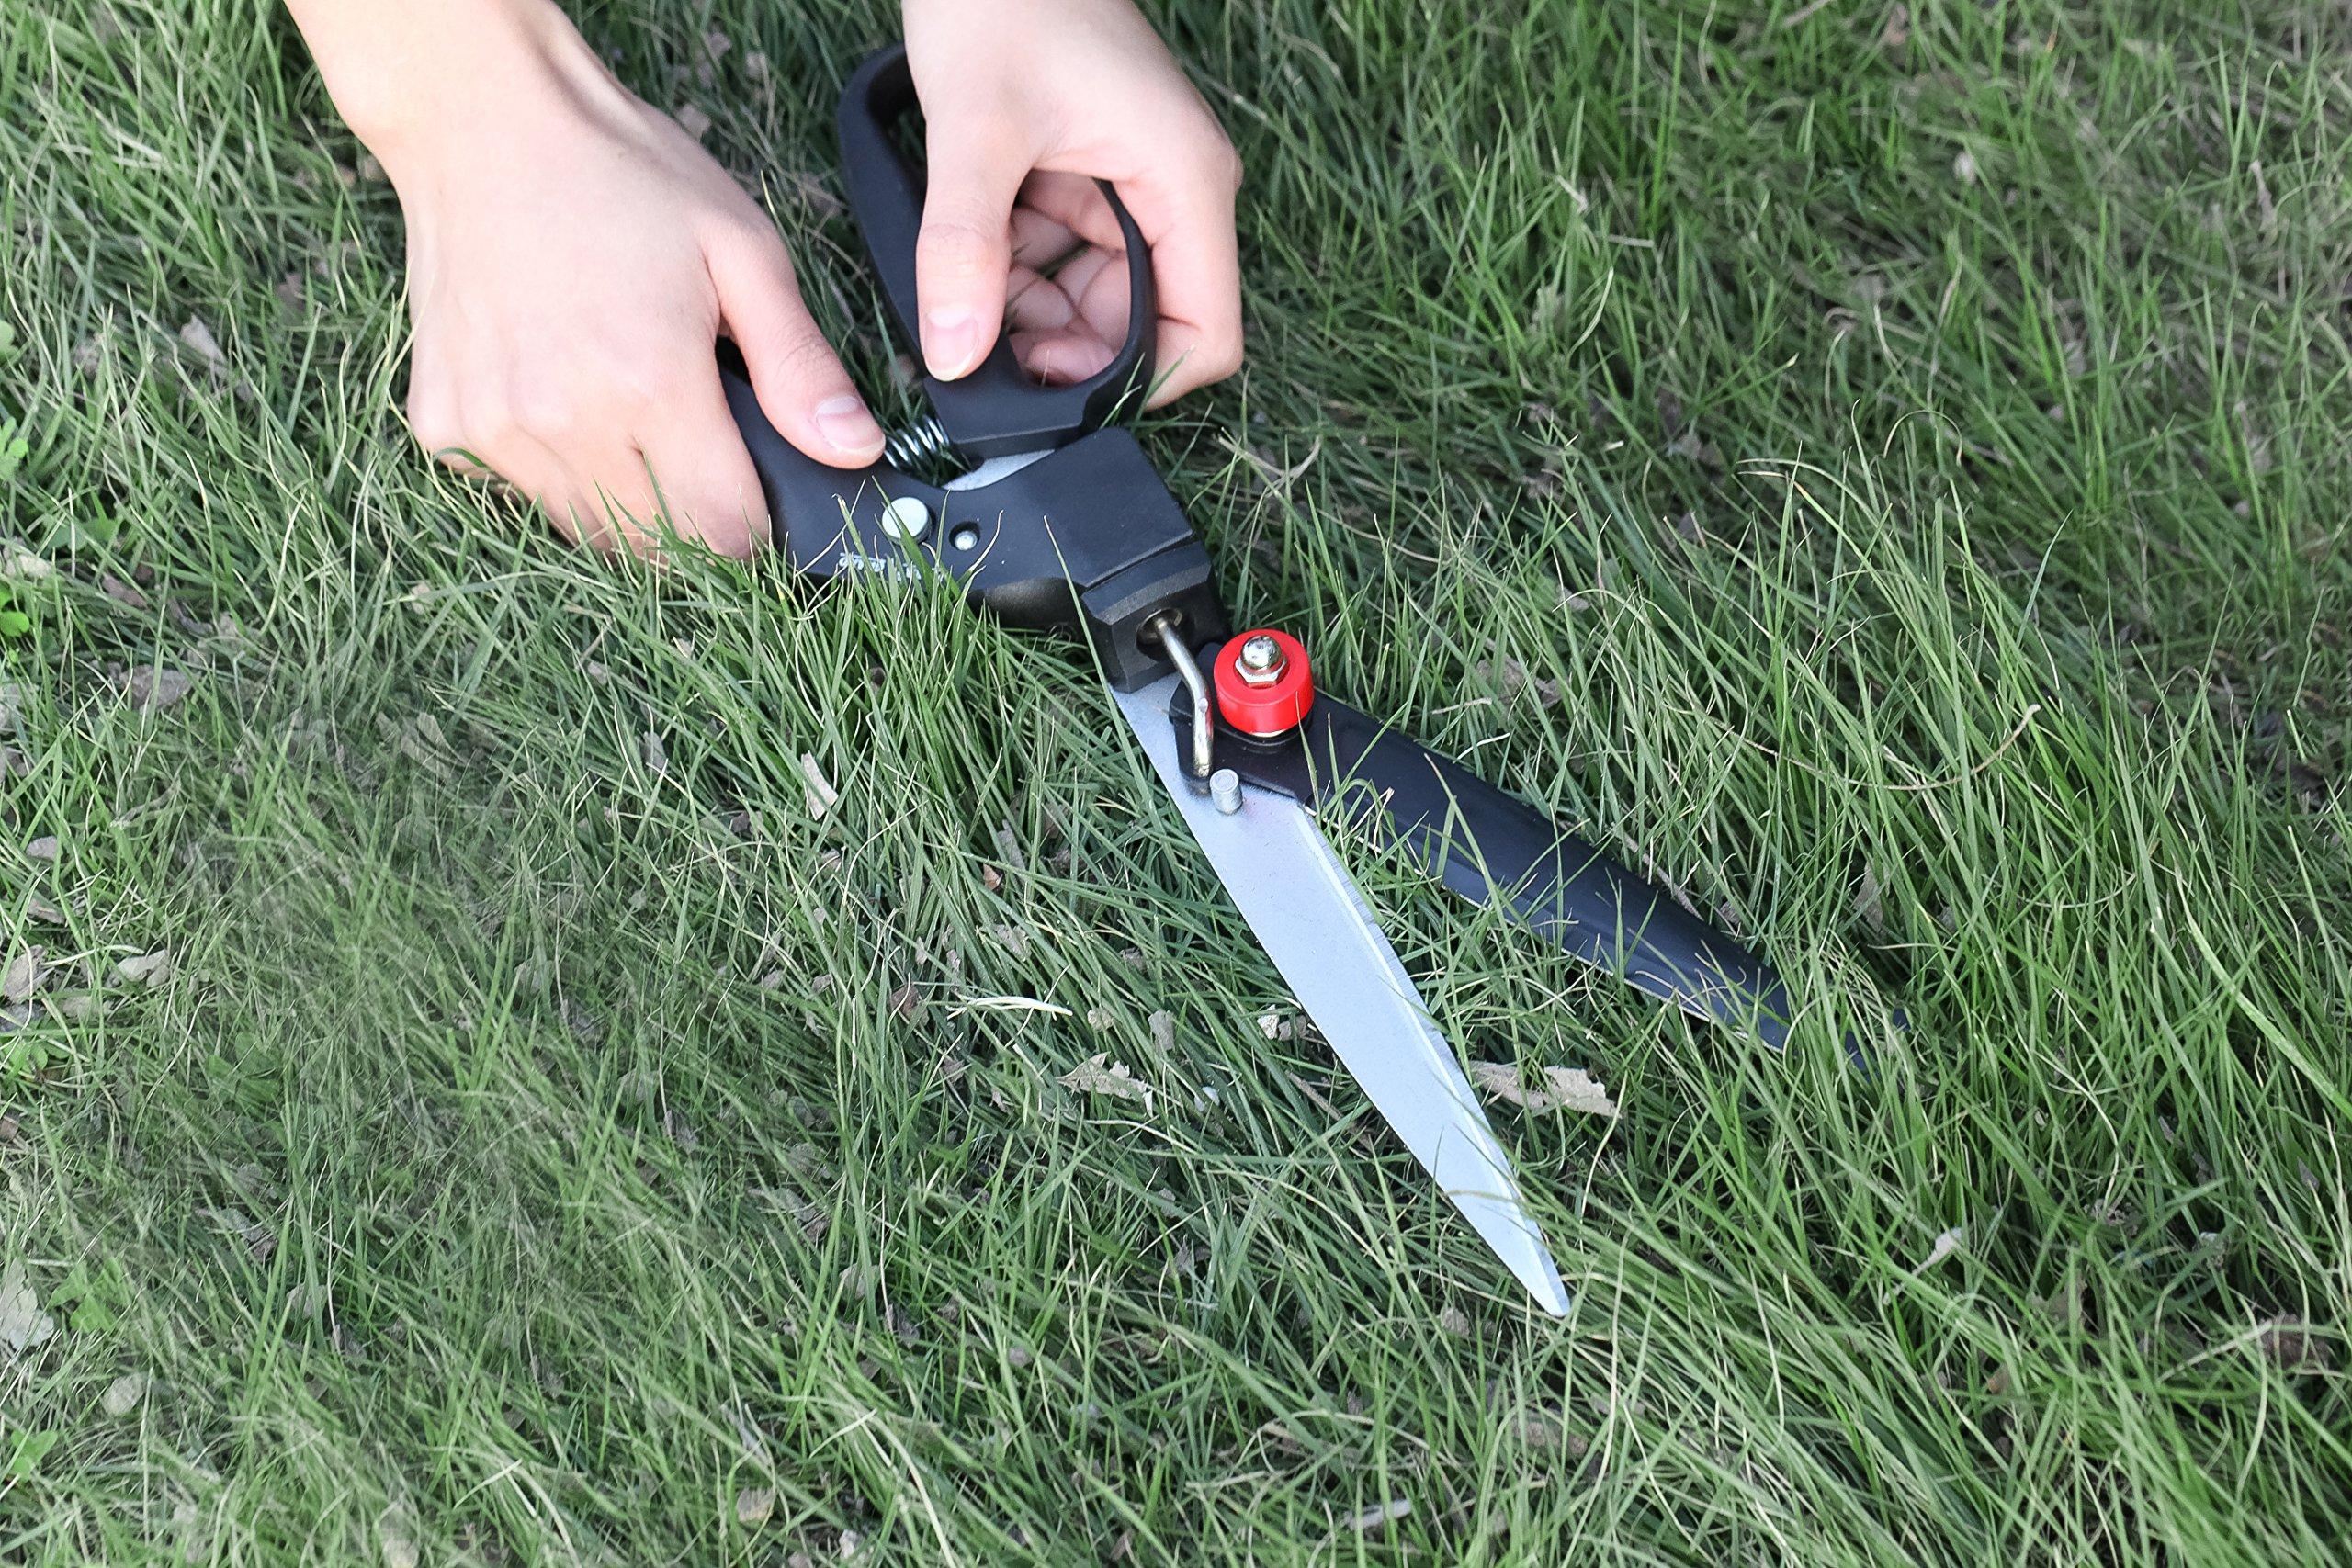 FLORA-GUARD-Rasenschere-mit-Komfortgriff-180-Grad-Drehklingen-Hartstahl-weniger-Aufwand-Komfortabel